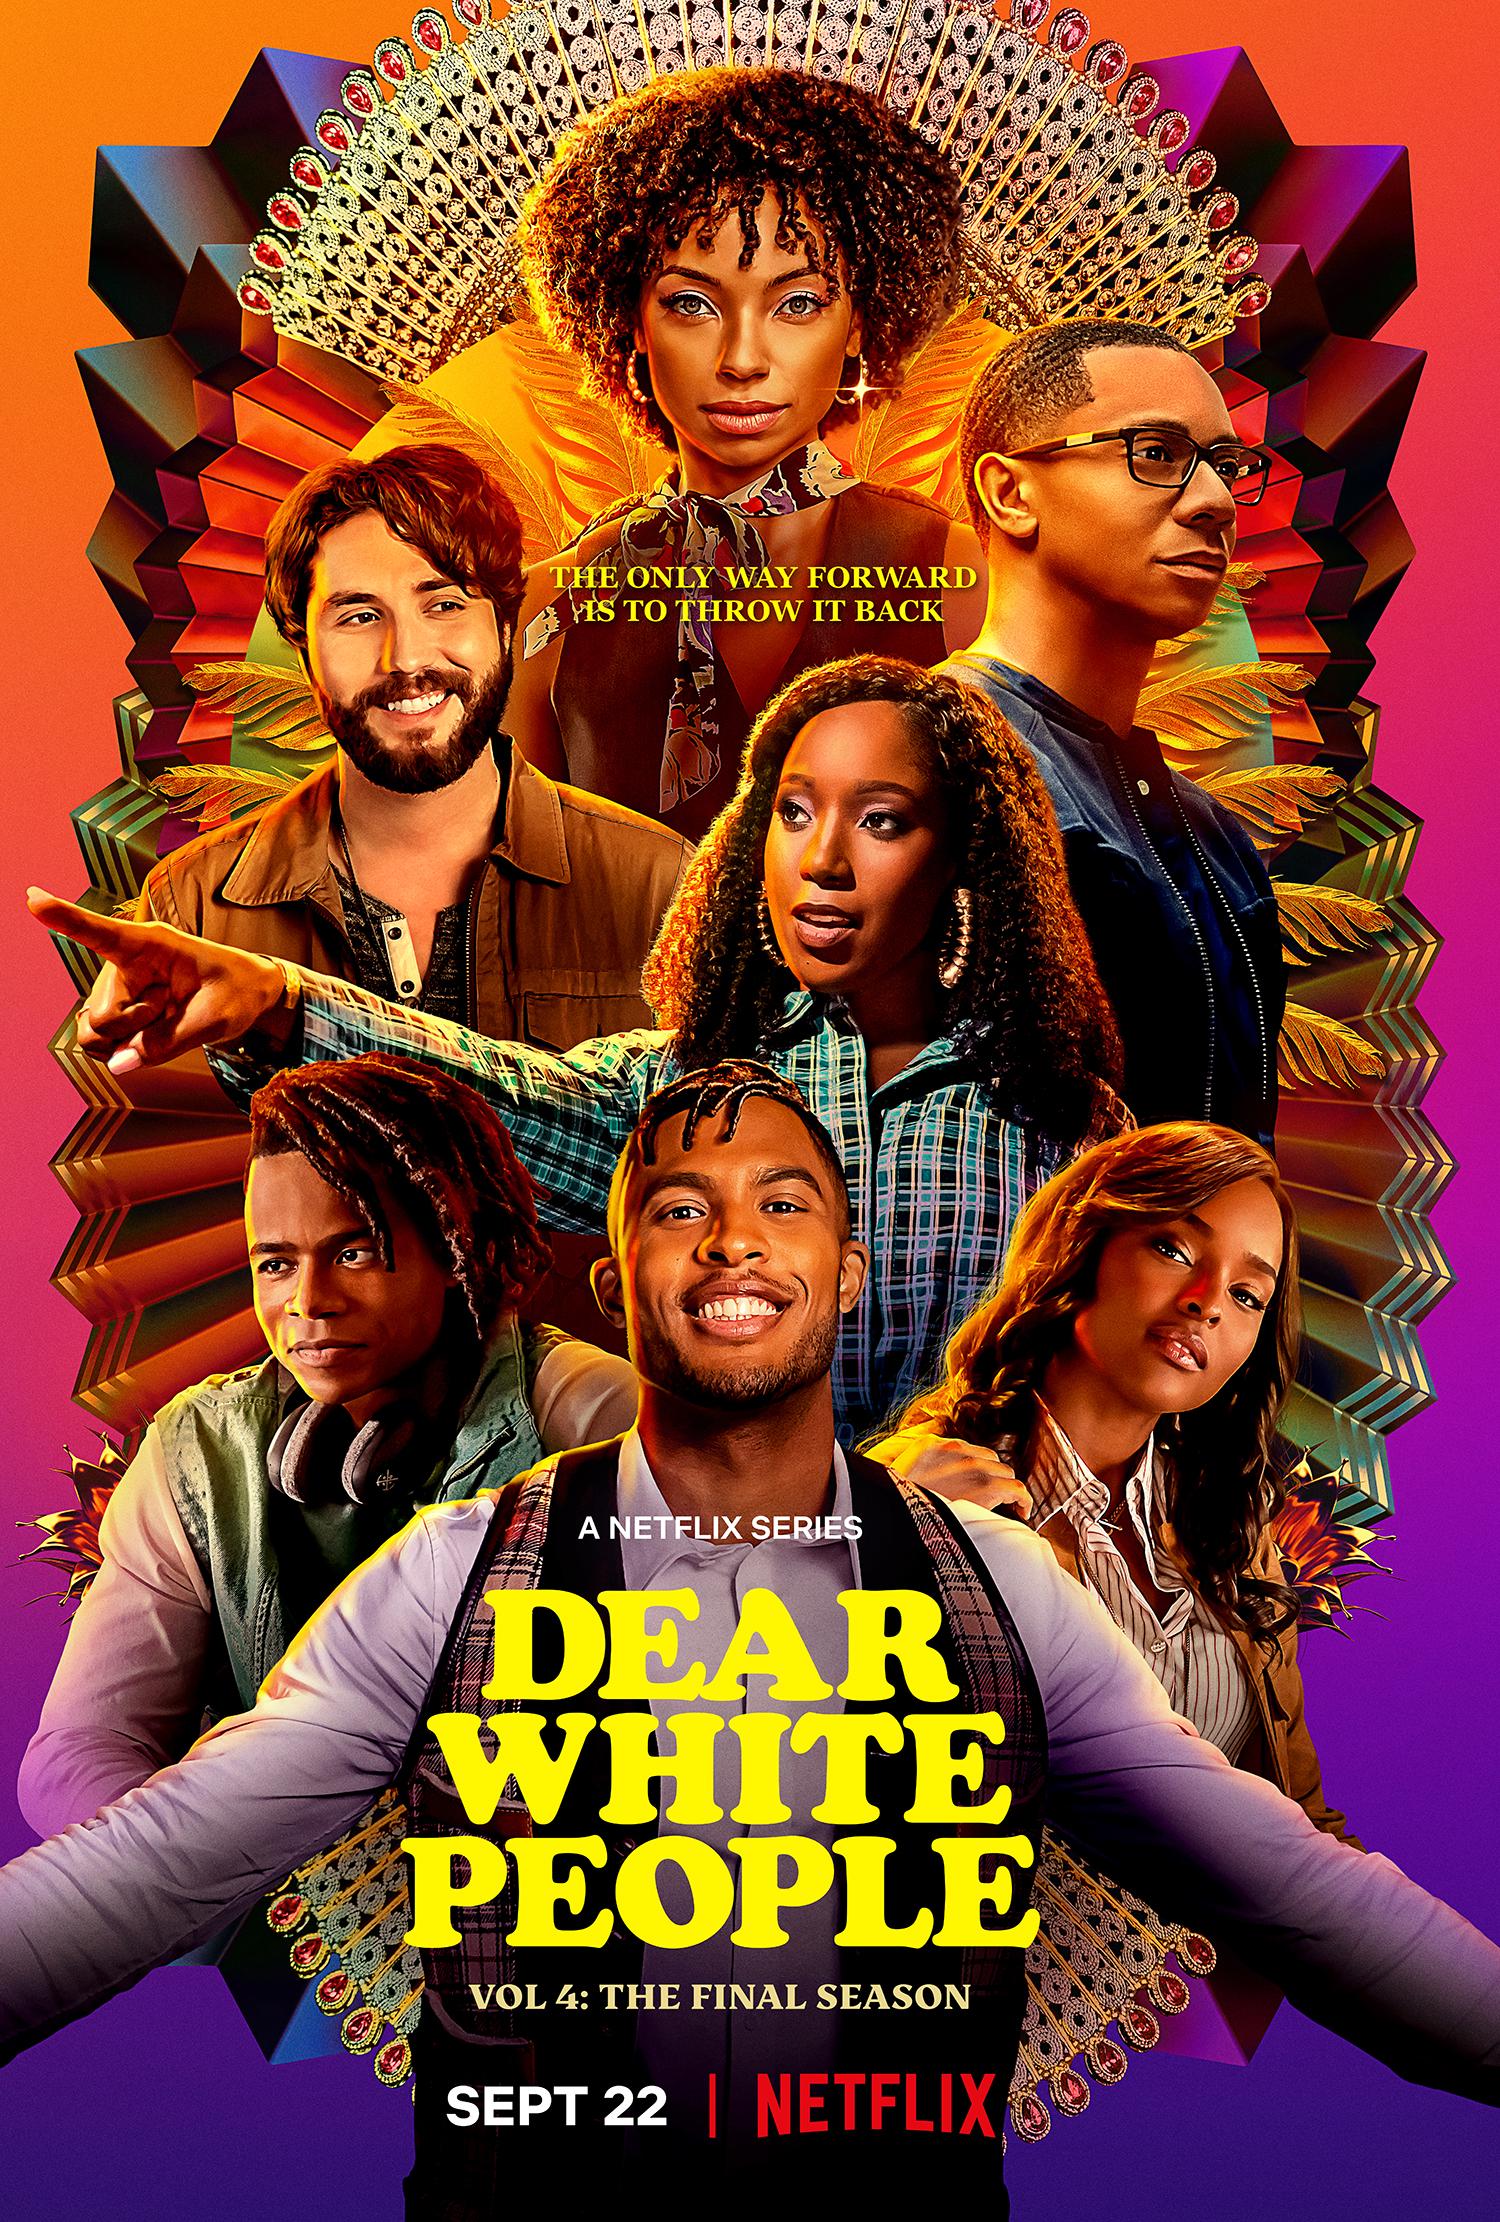 Dear White People season 4 key art